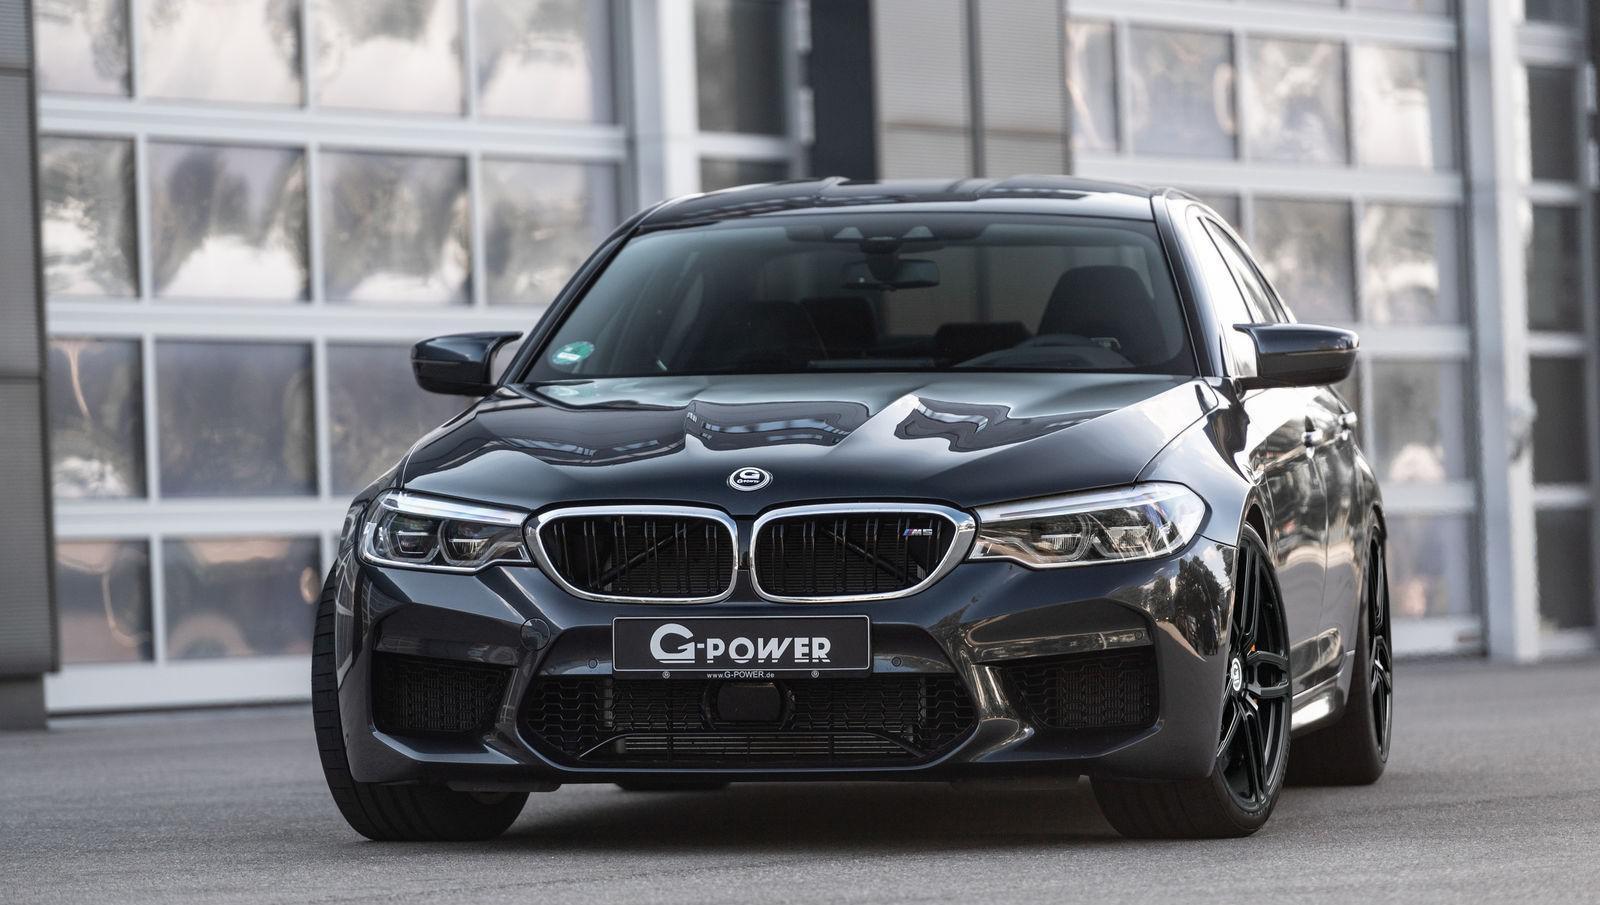 bmw-m5-f90-g-power-berline-de-puissance-avec-les-performances-d-une-super-voiture-de-sport-874-1.jpg